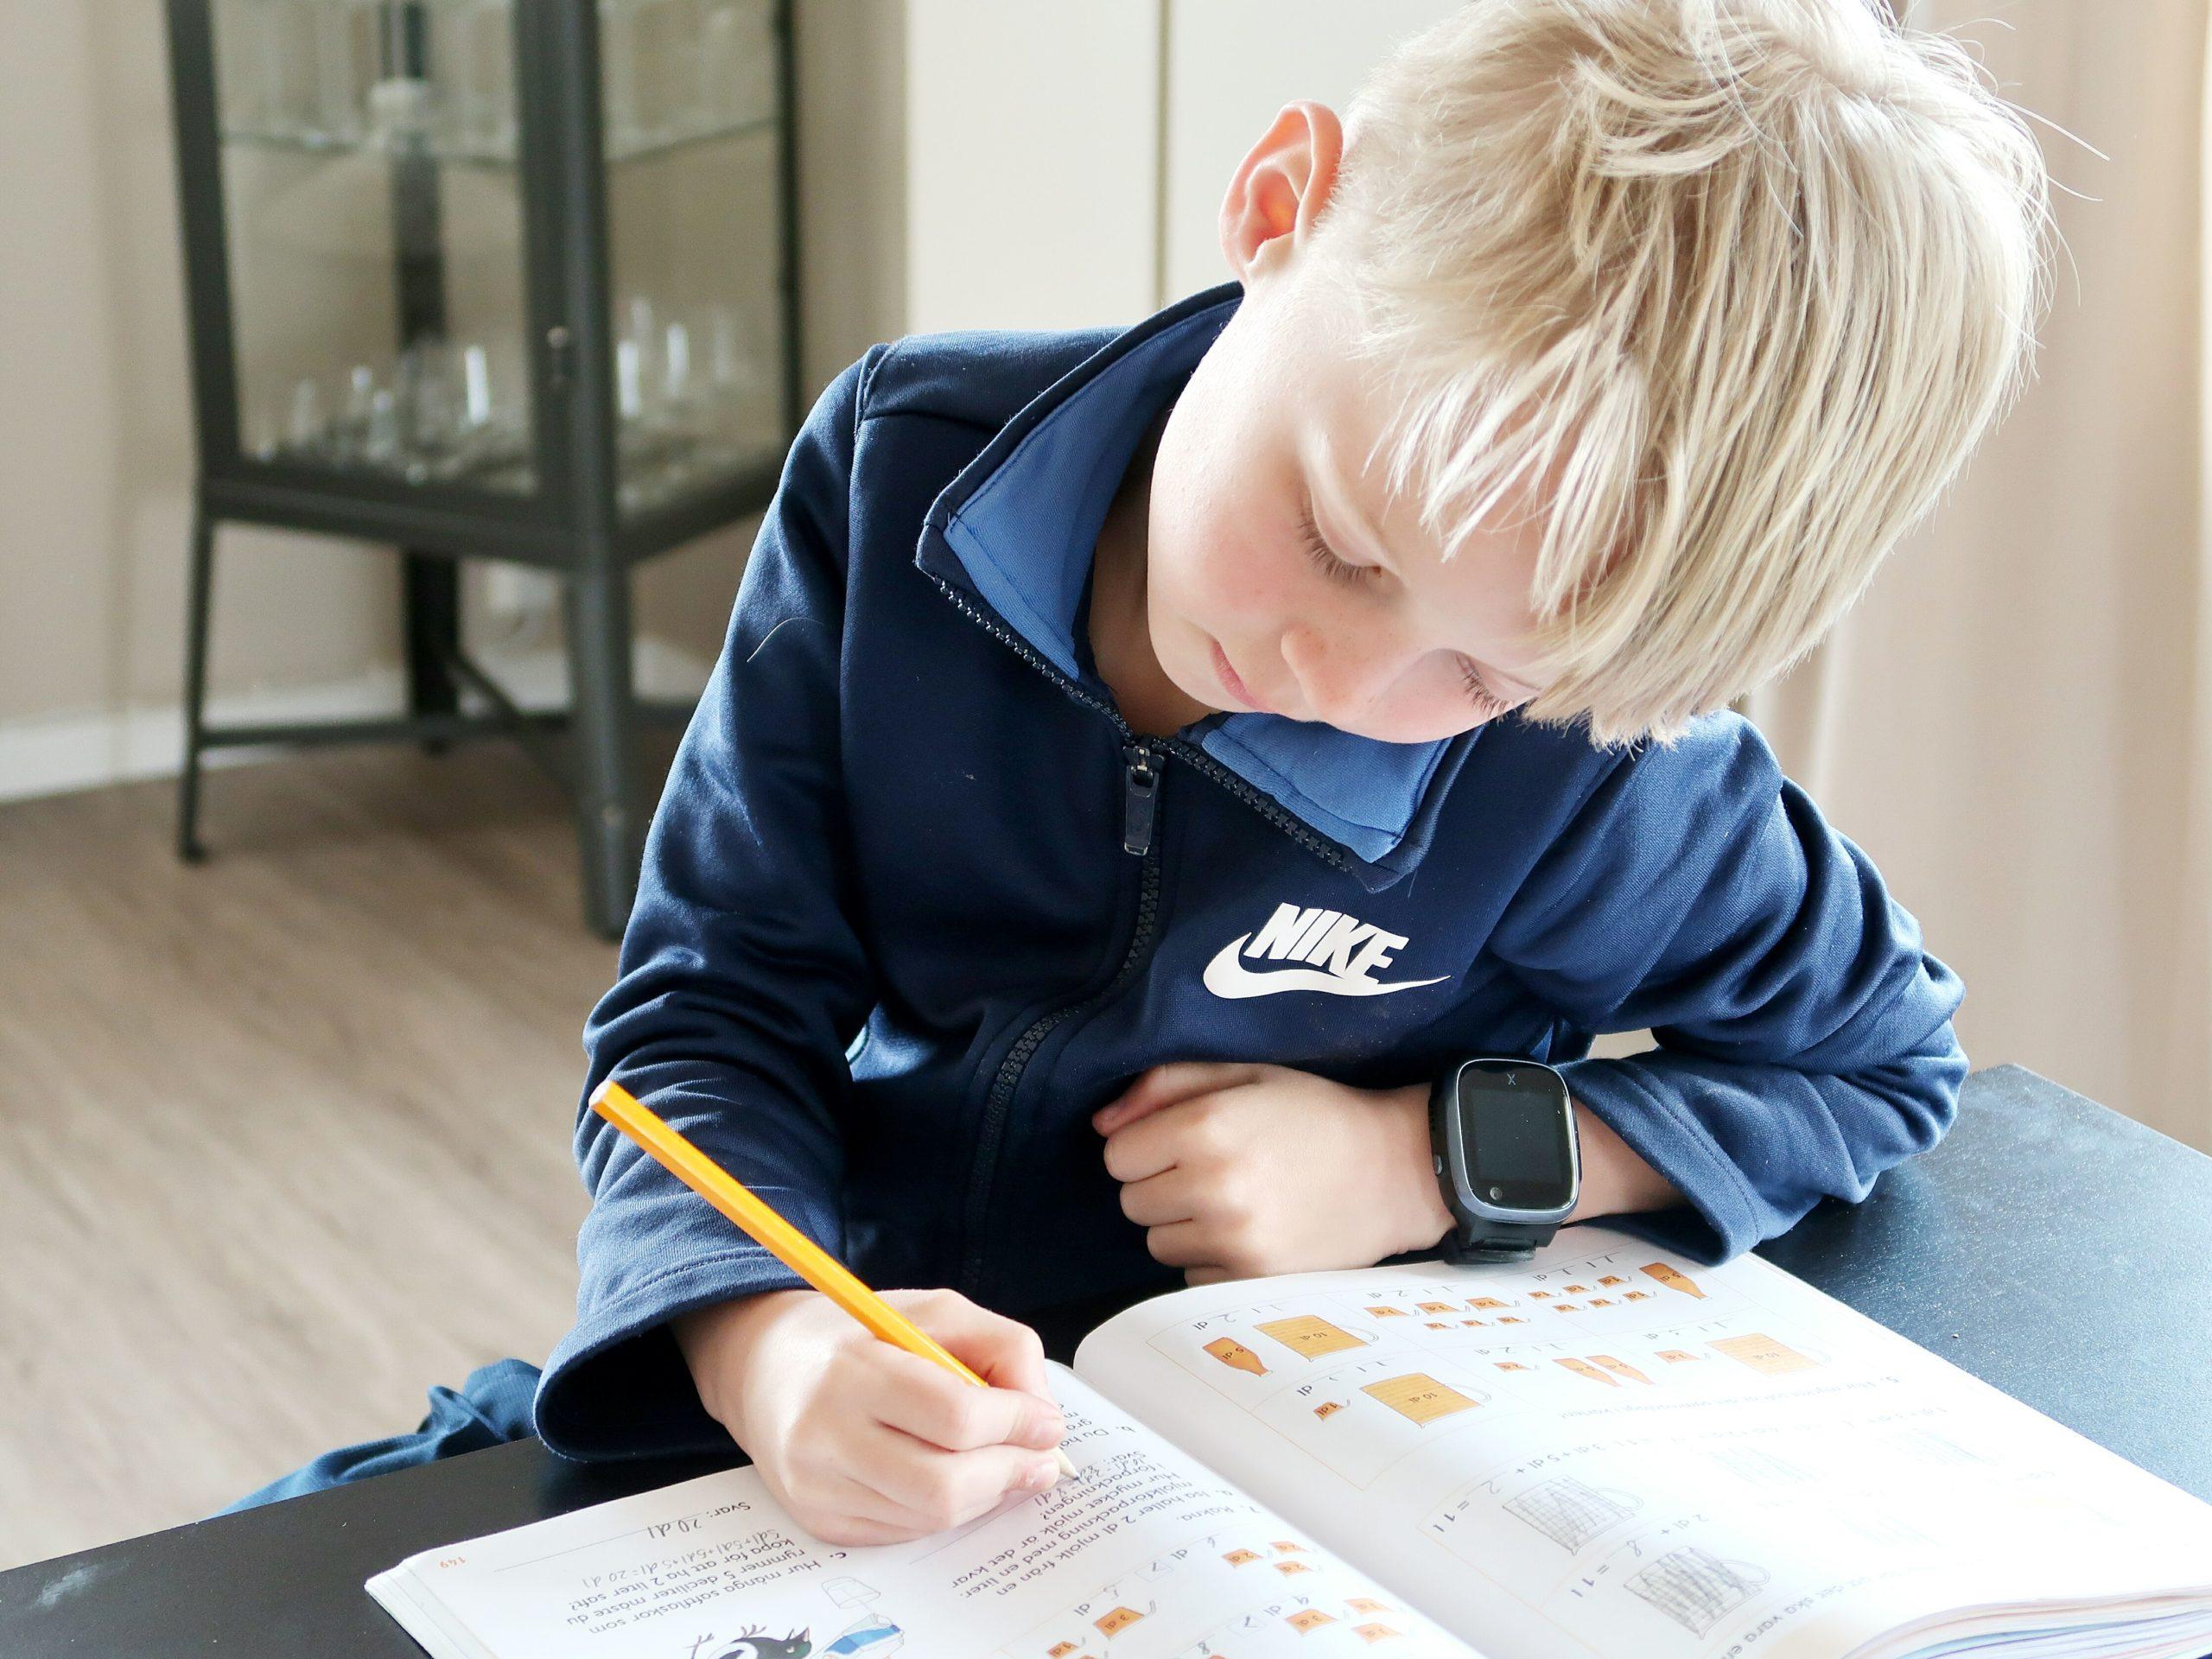 Kan barnet ha en Xplora smartklocka i skolan?